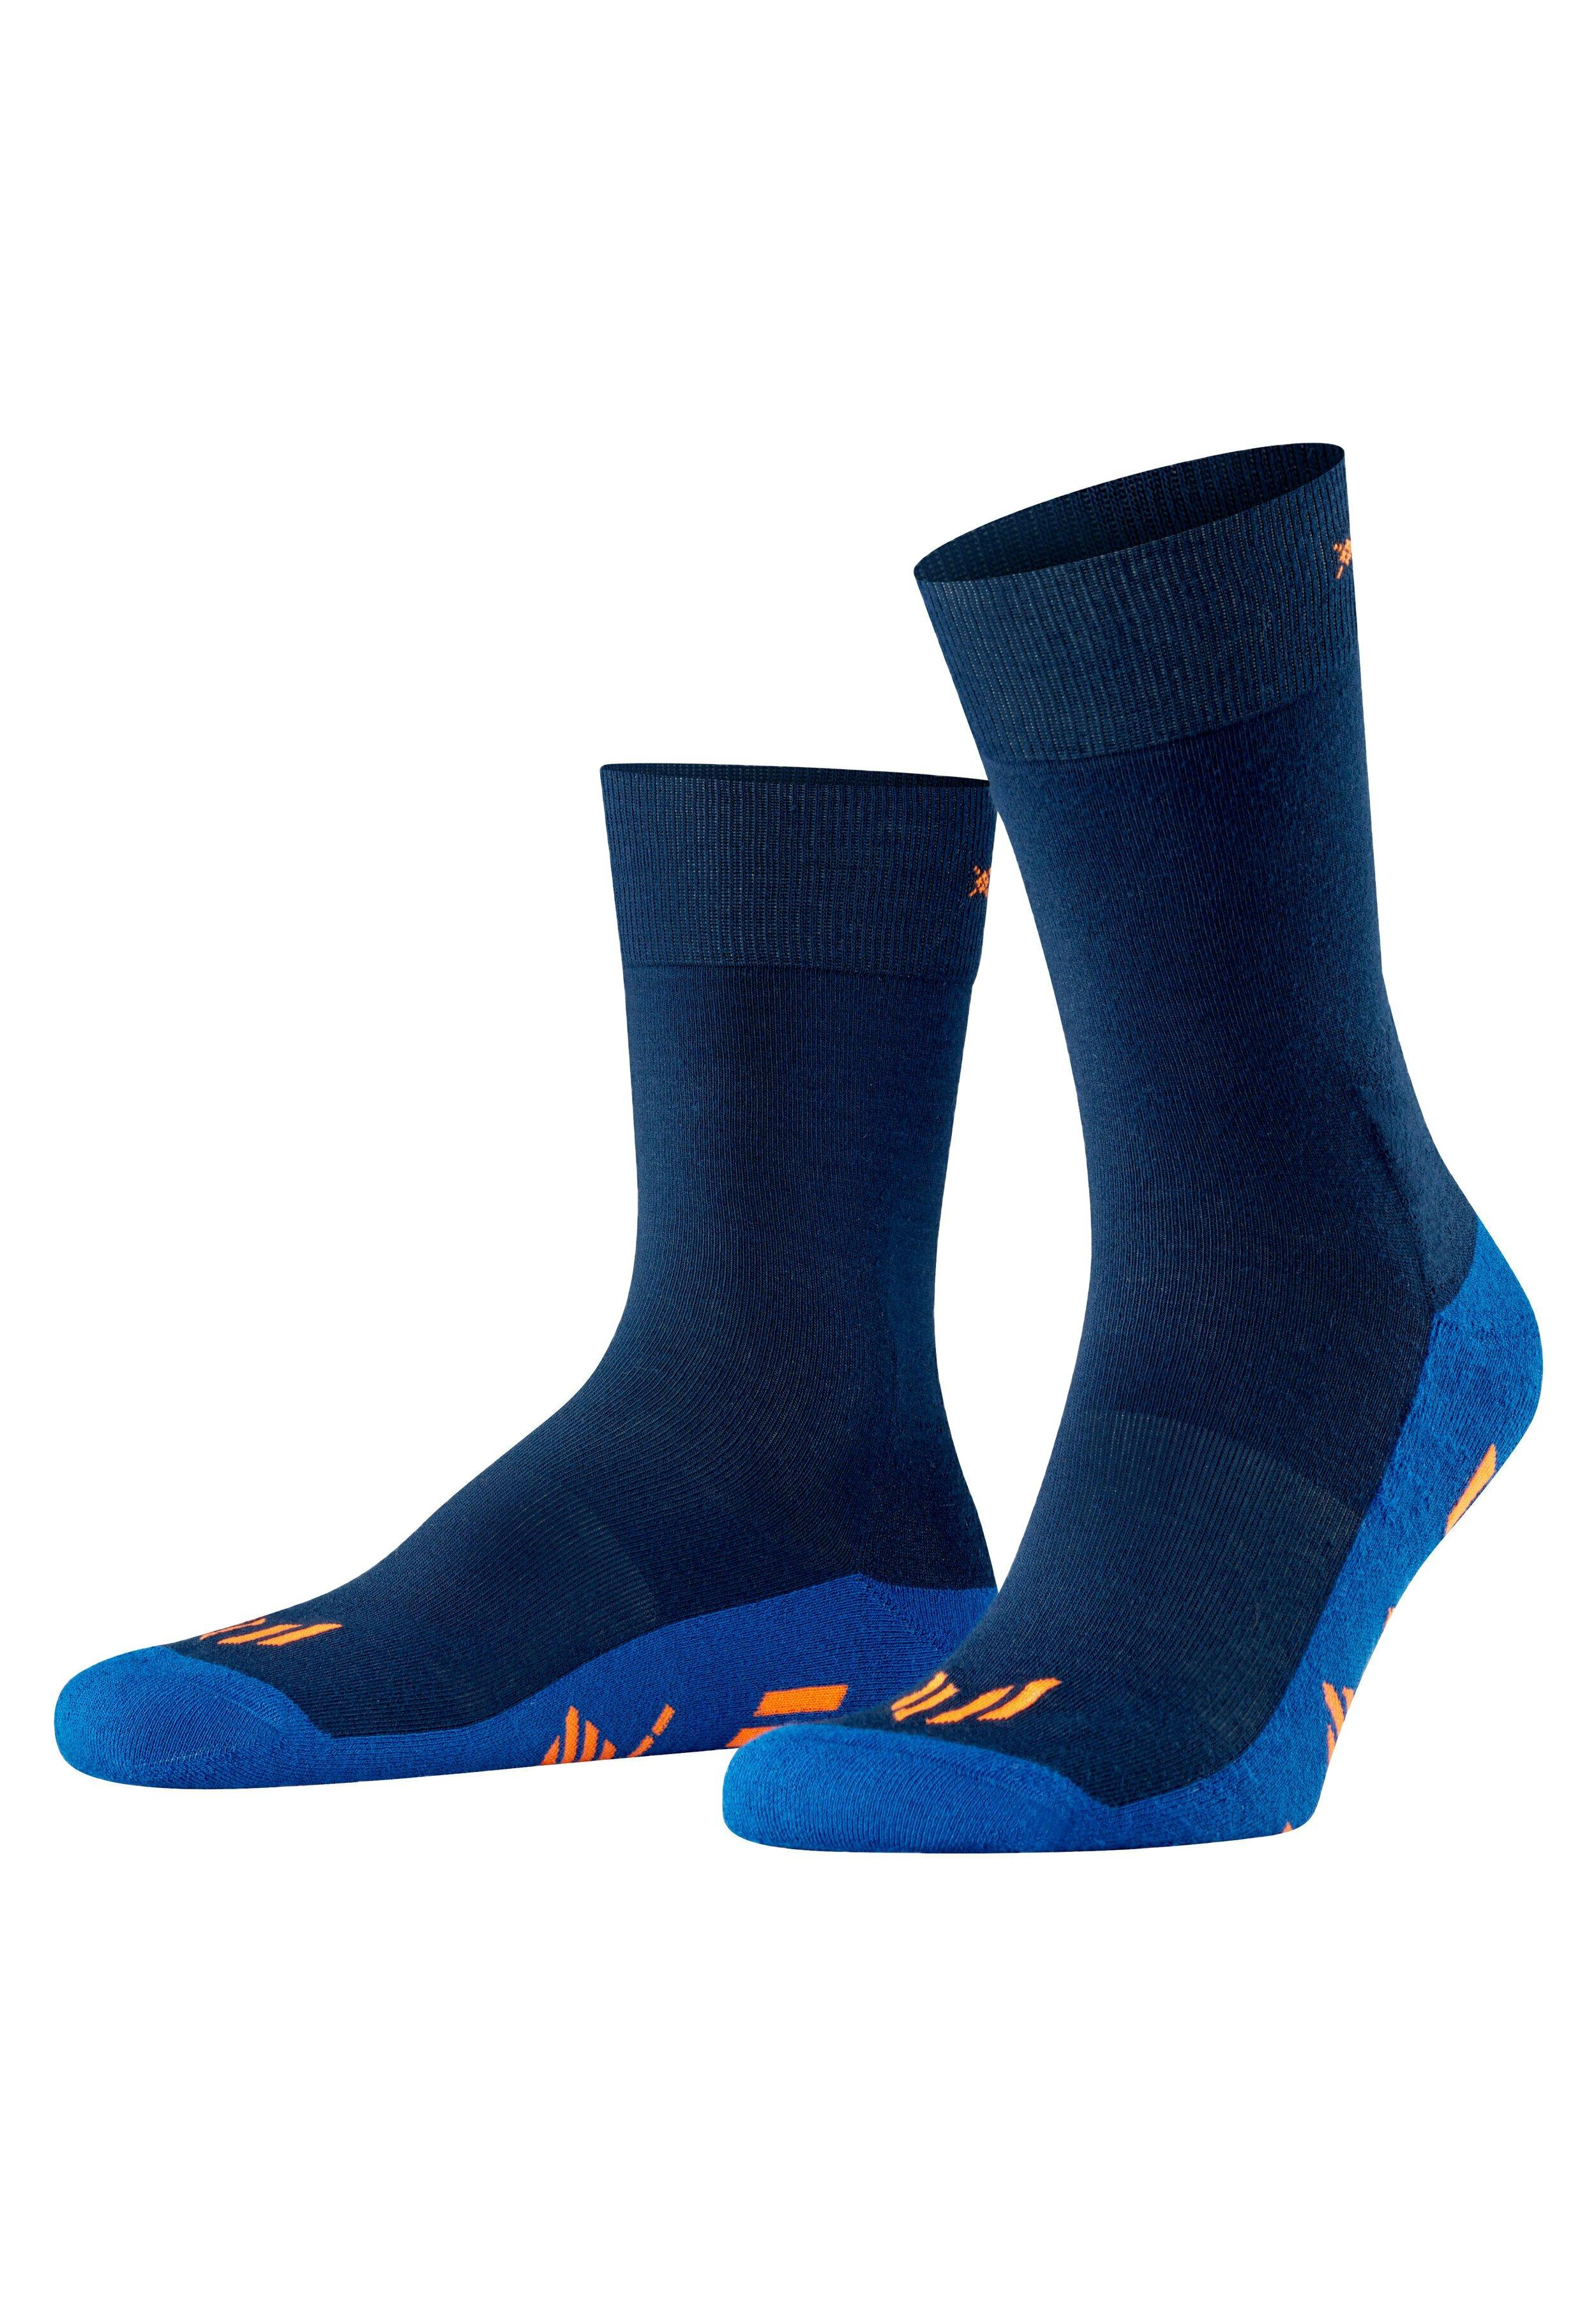 Femme RUNNING - Chaussettes de sport - marine